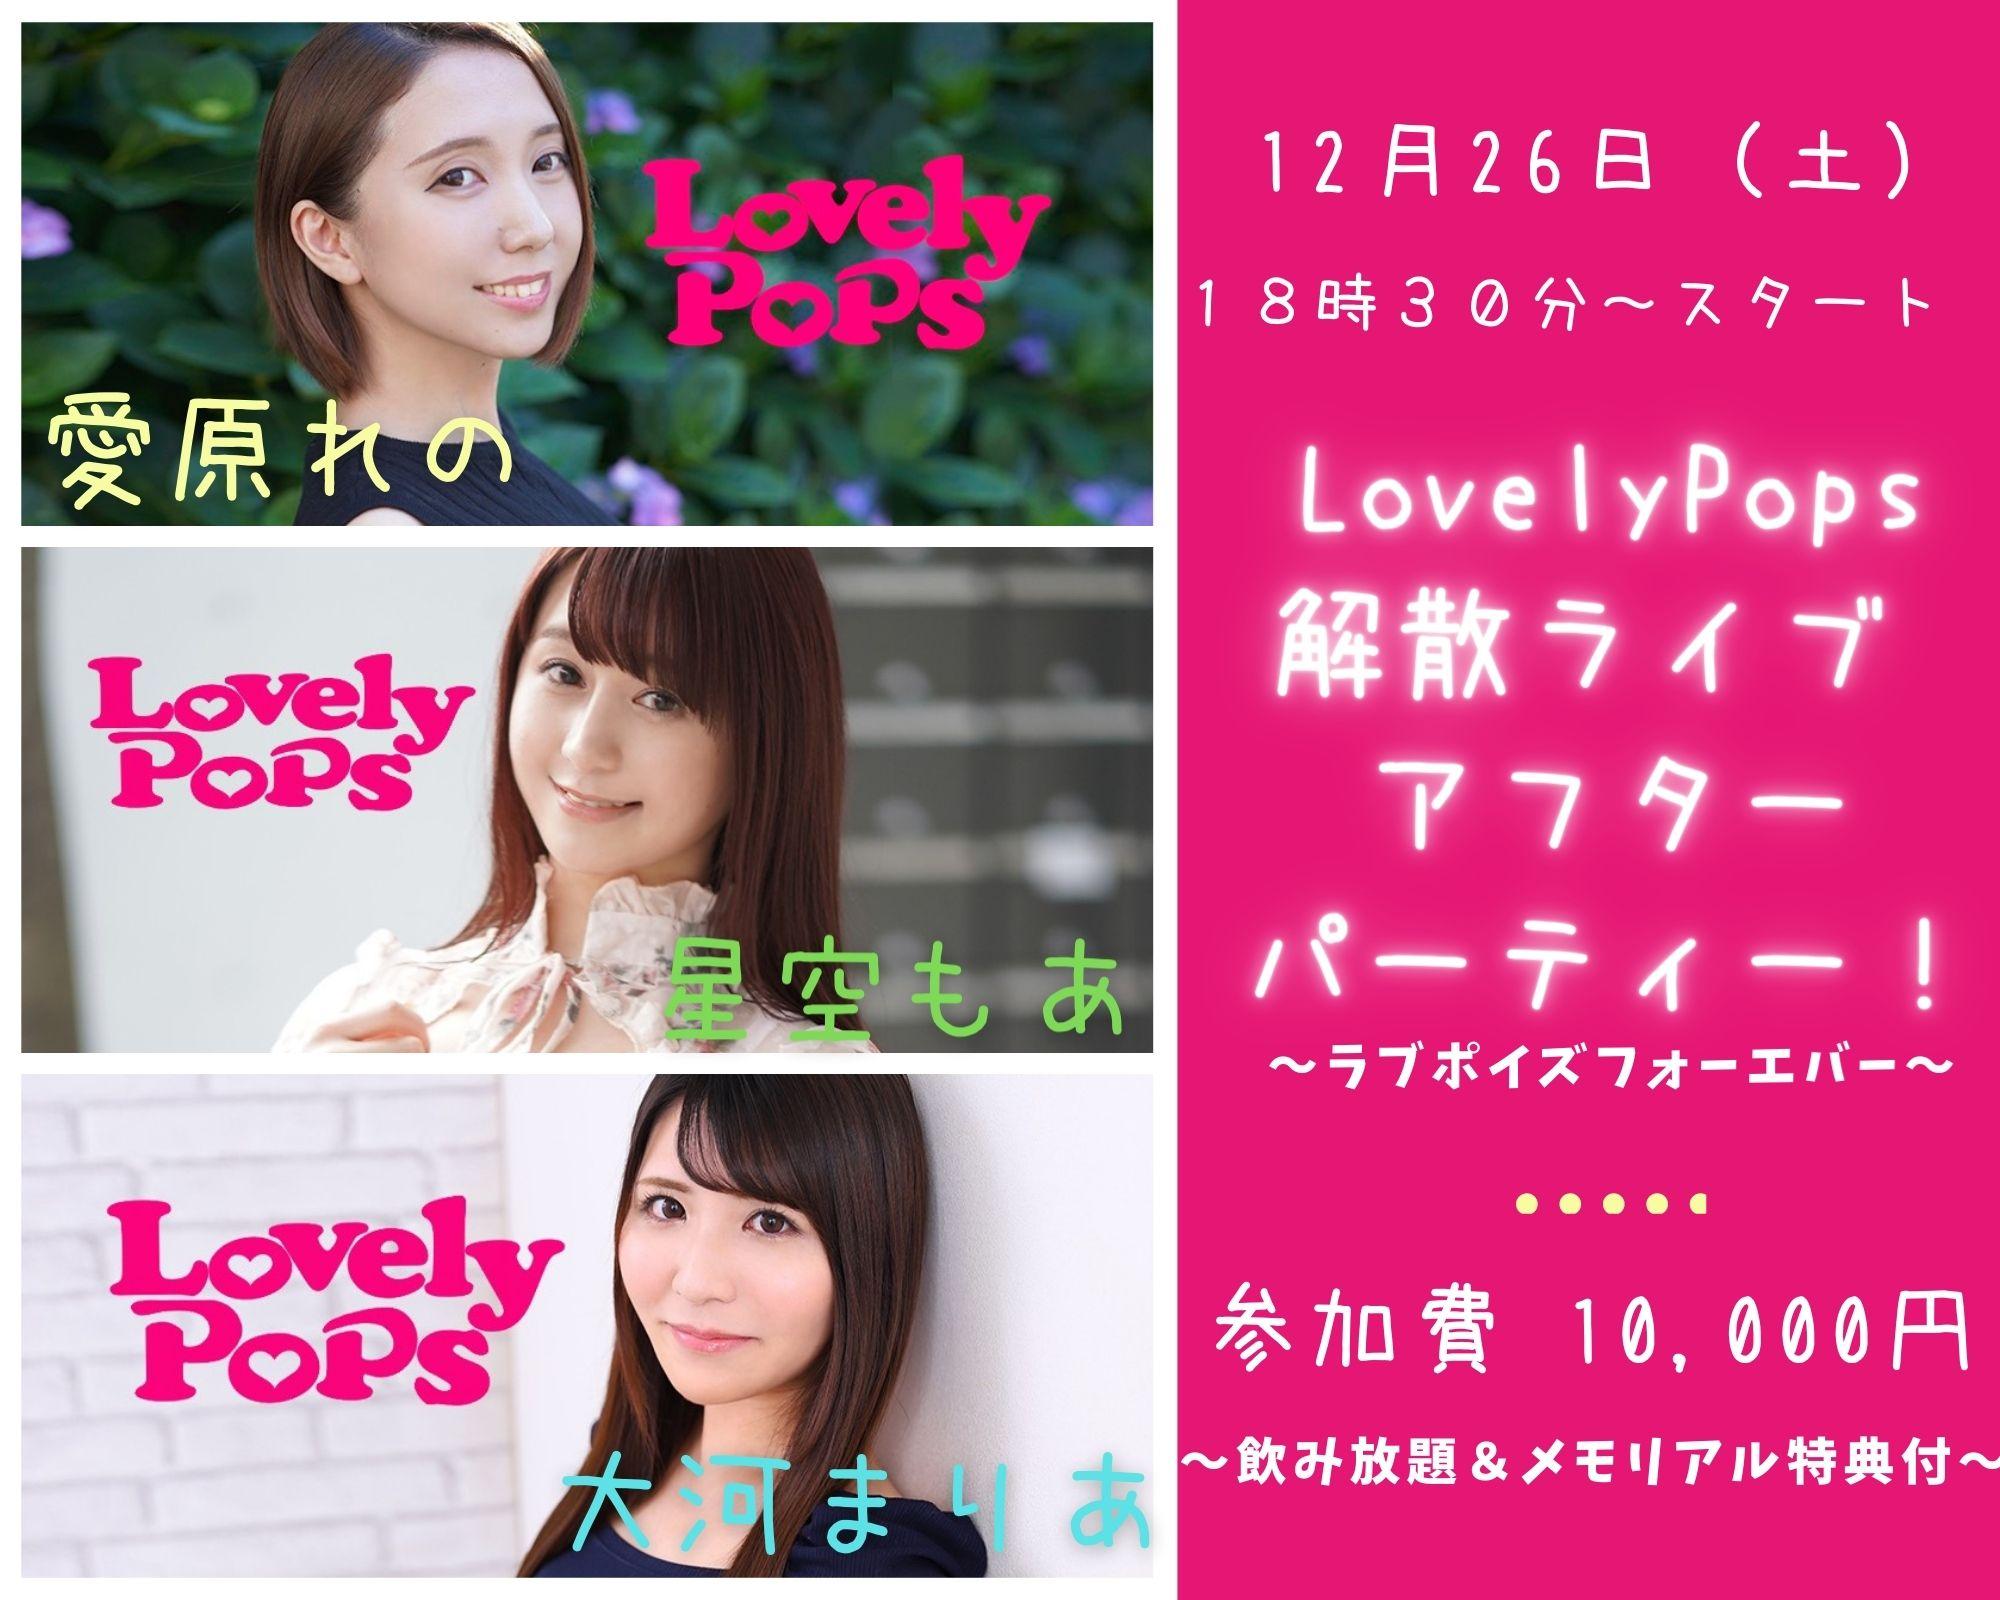 LovelyPops 解散ライブ アフターパーティー! ~ラブポイズフォーエバー~